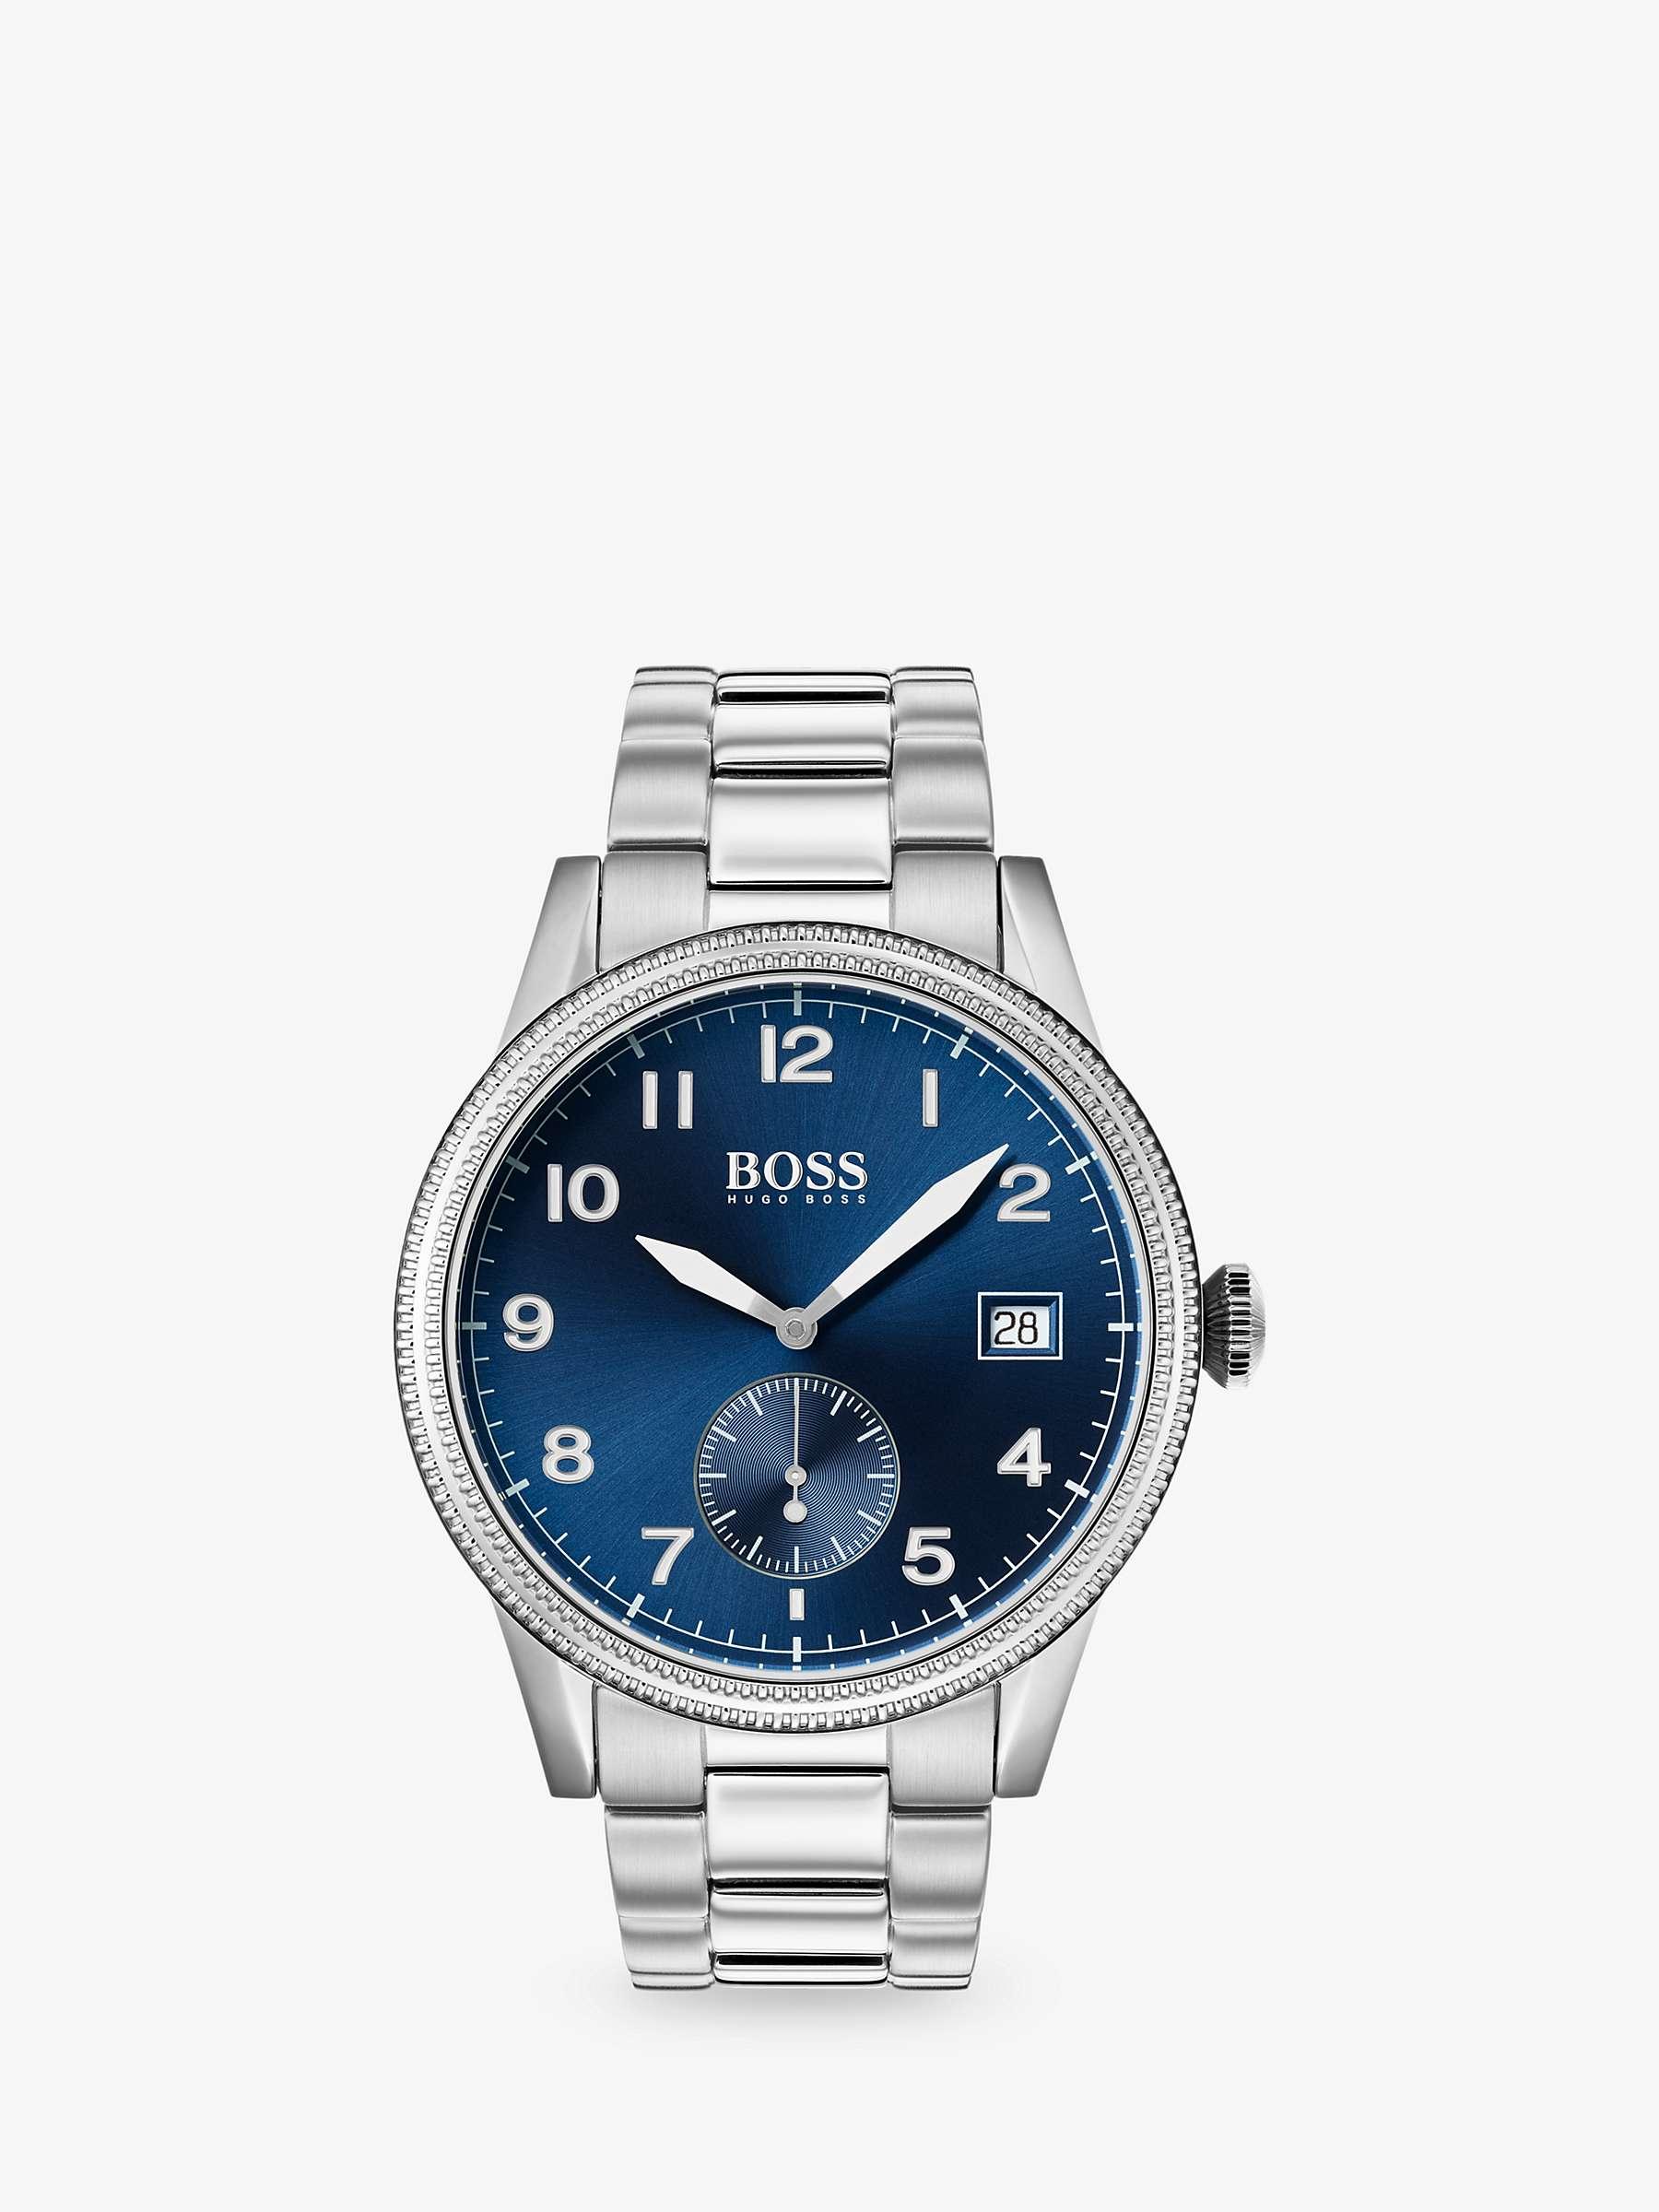 Hugo Boss 1513707 Men's Legacy Date Bracelet Strap Watch, Silver/Blue by John Lewis